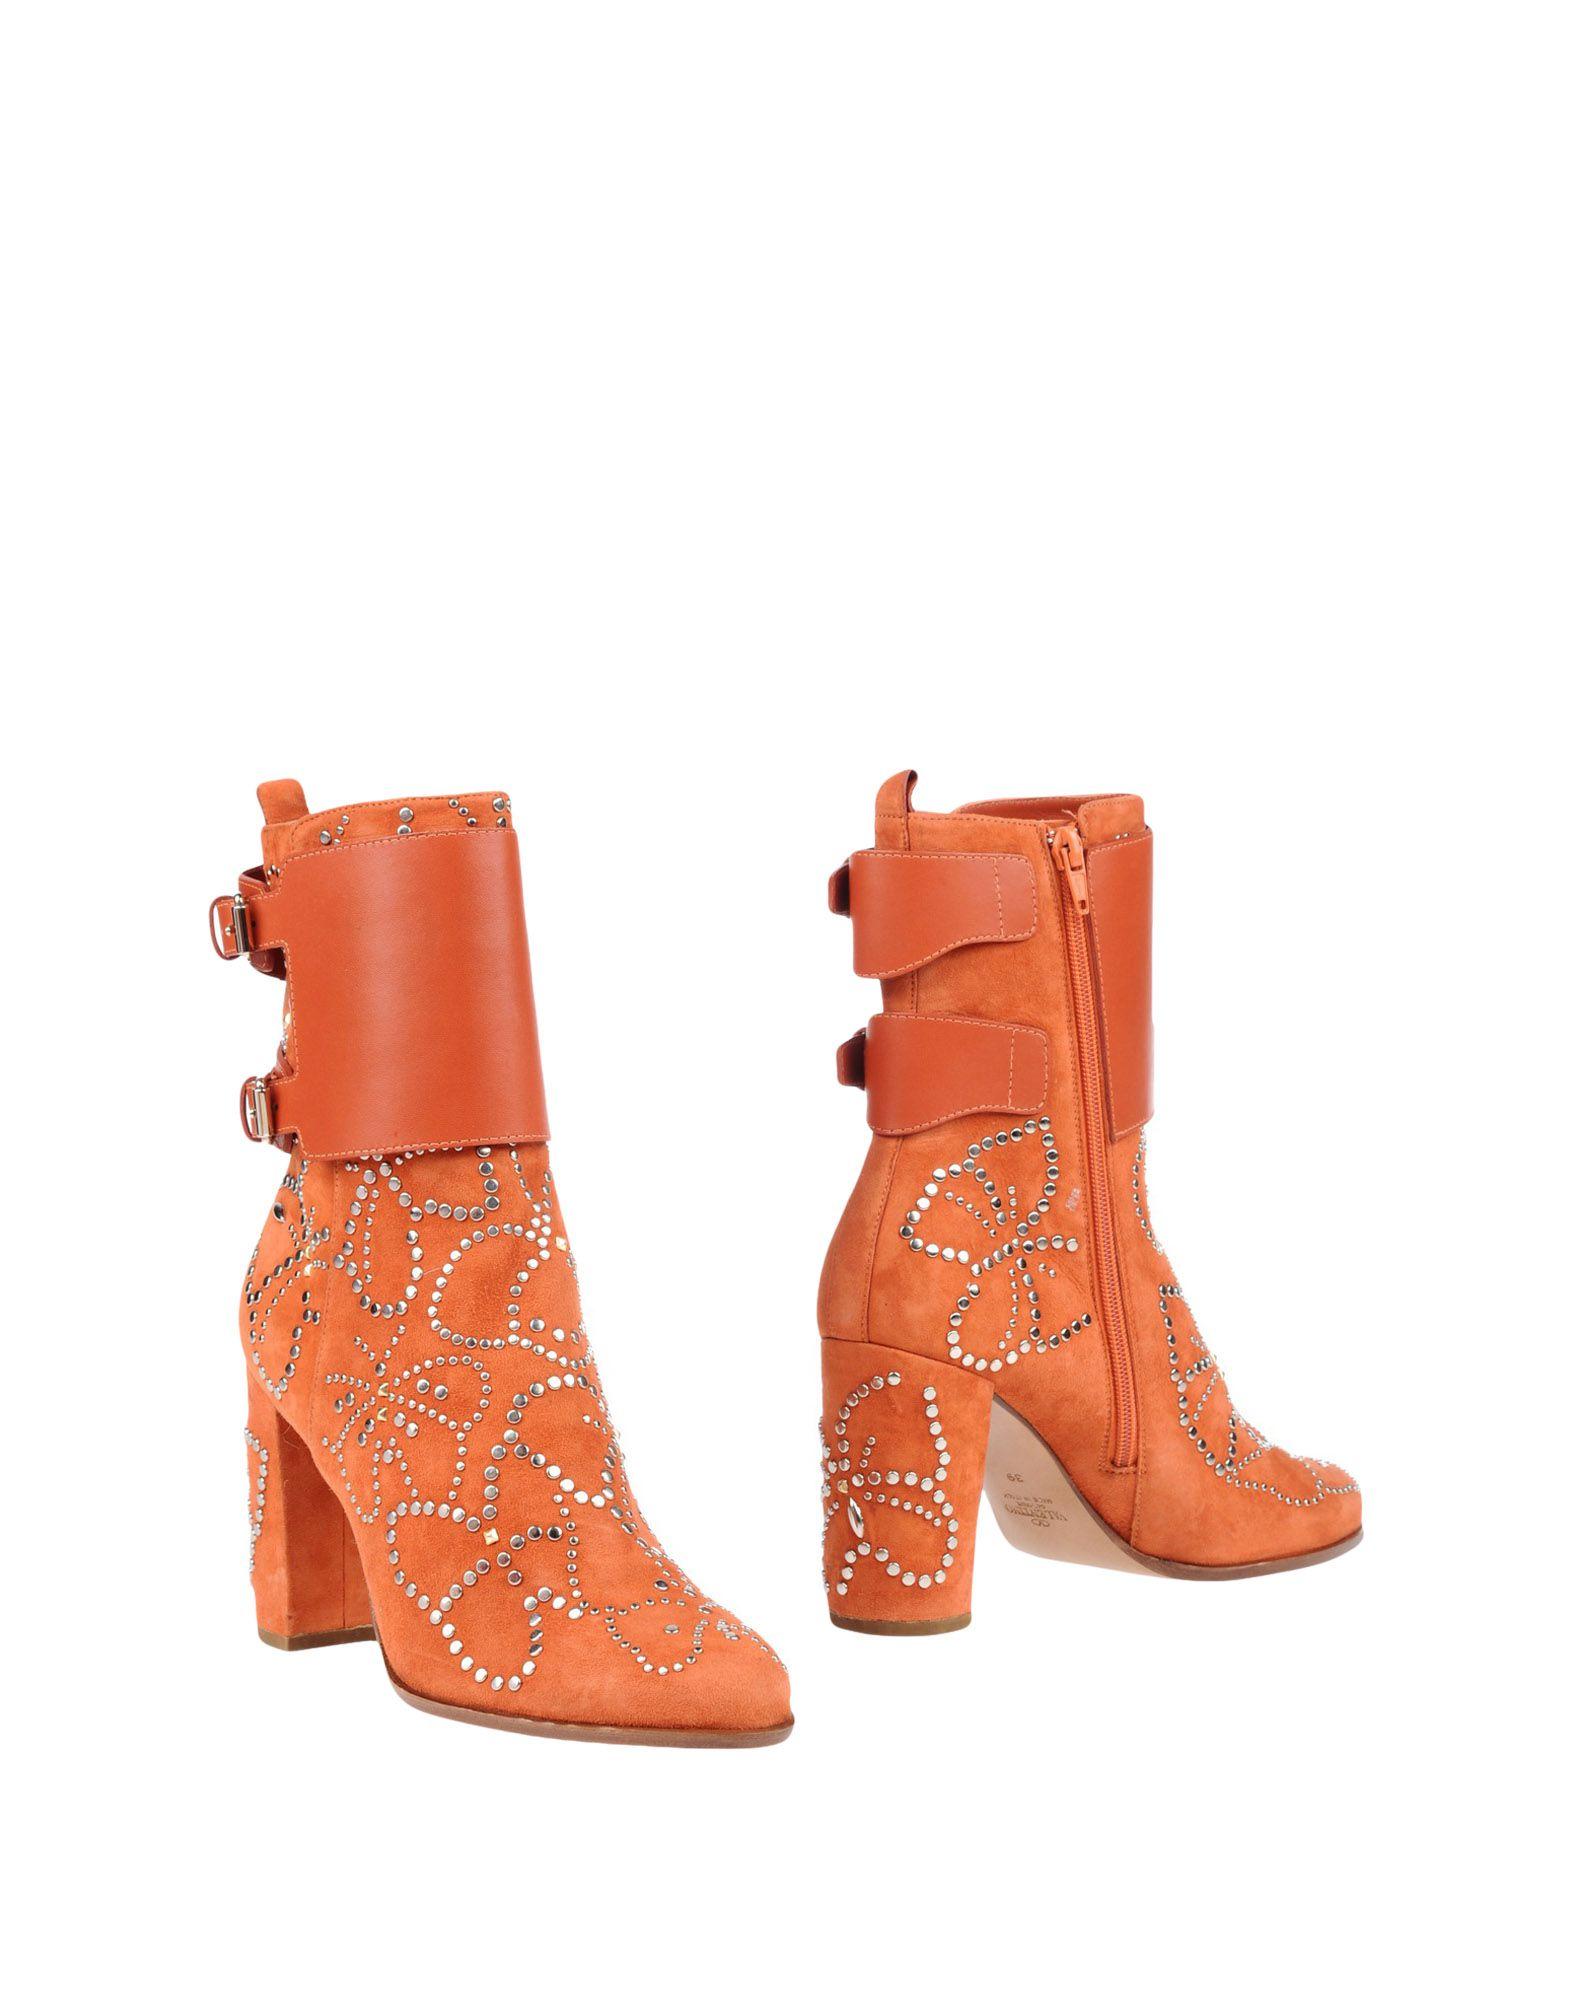 Valentino Garavani gut Stiefelette Damen  11277737NRGünstige gut Garavani aussehende Schuhe 978bd0